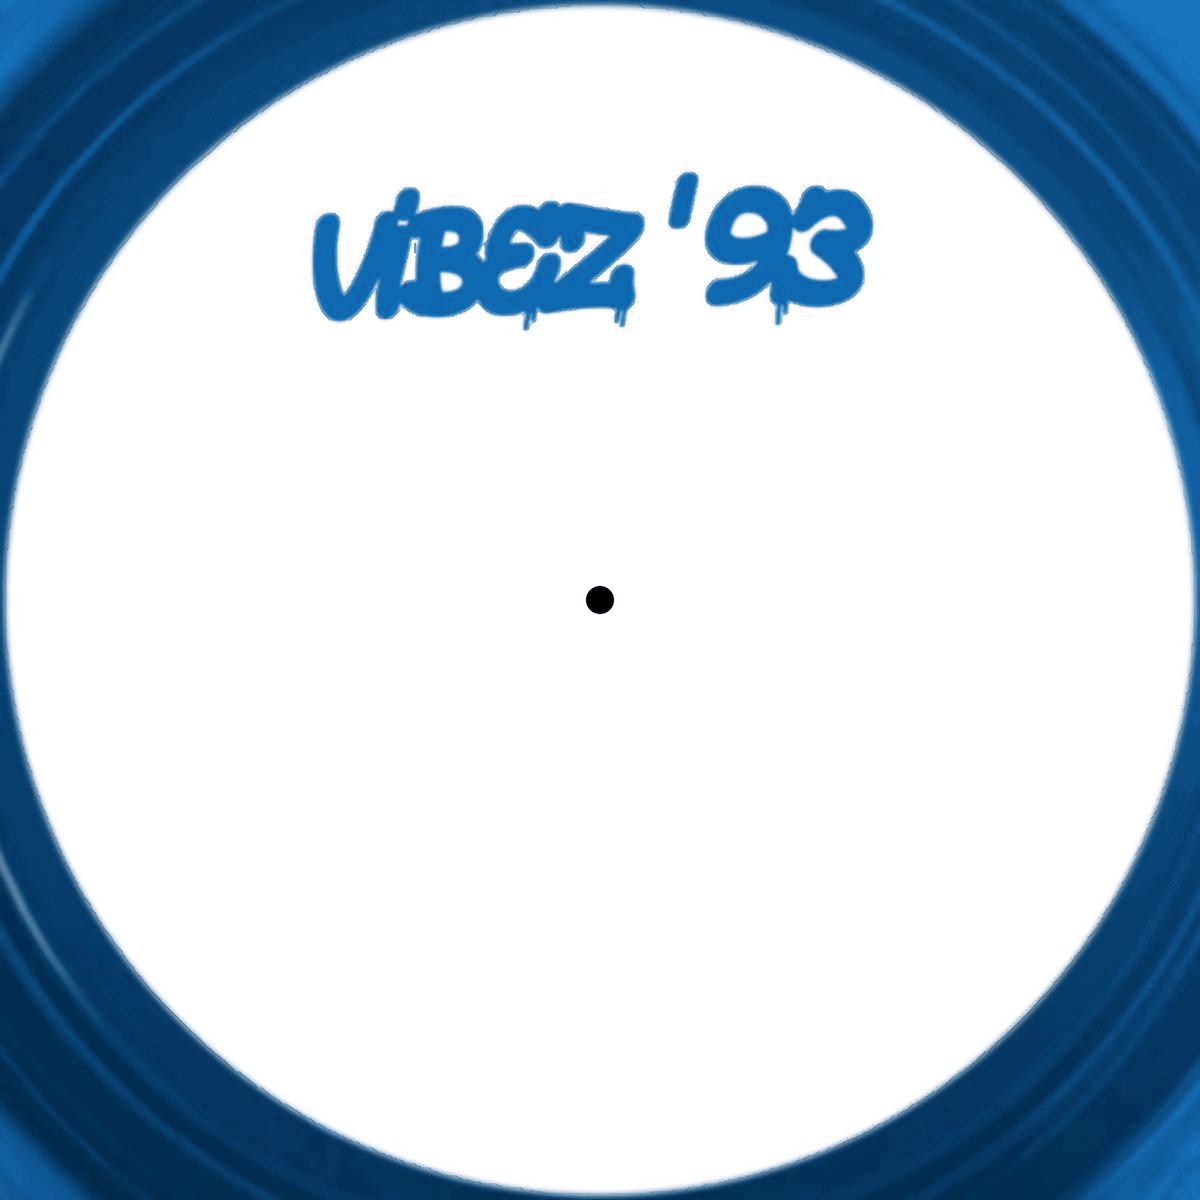 VIBEZ93002-ART